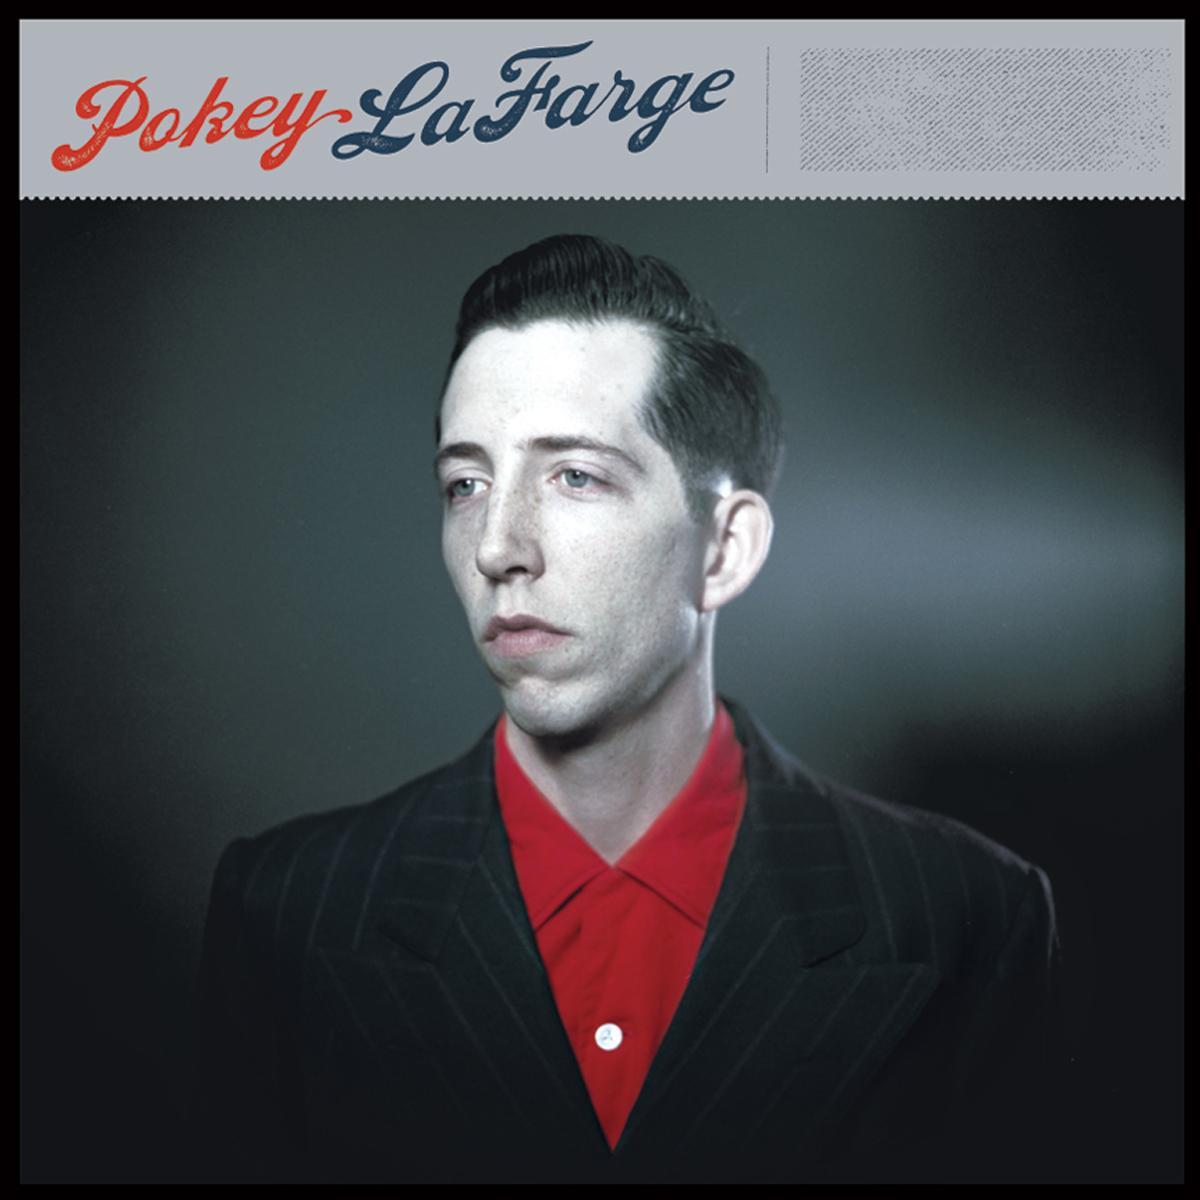 Pokey LaFarge LP